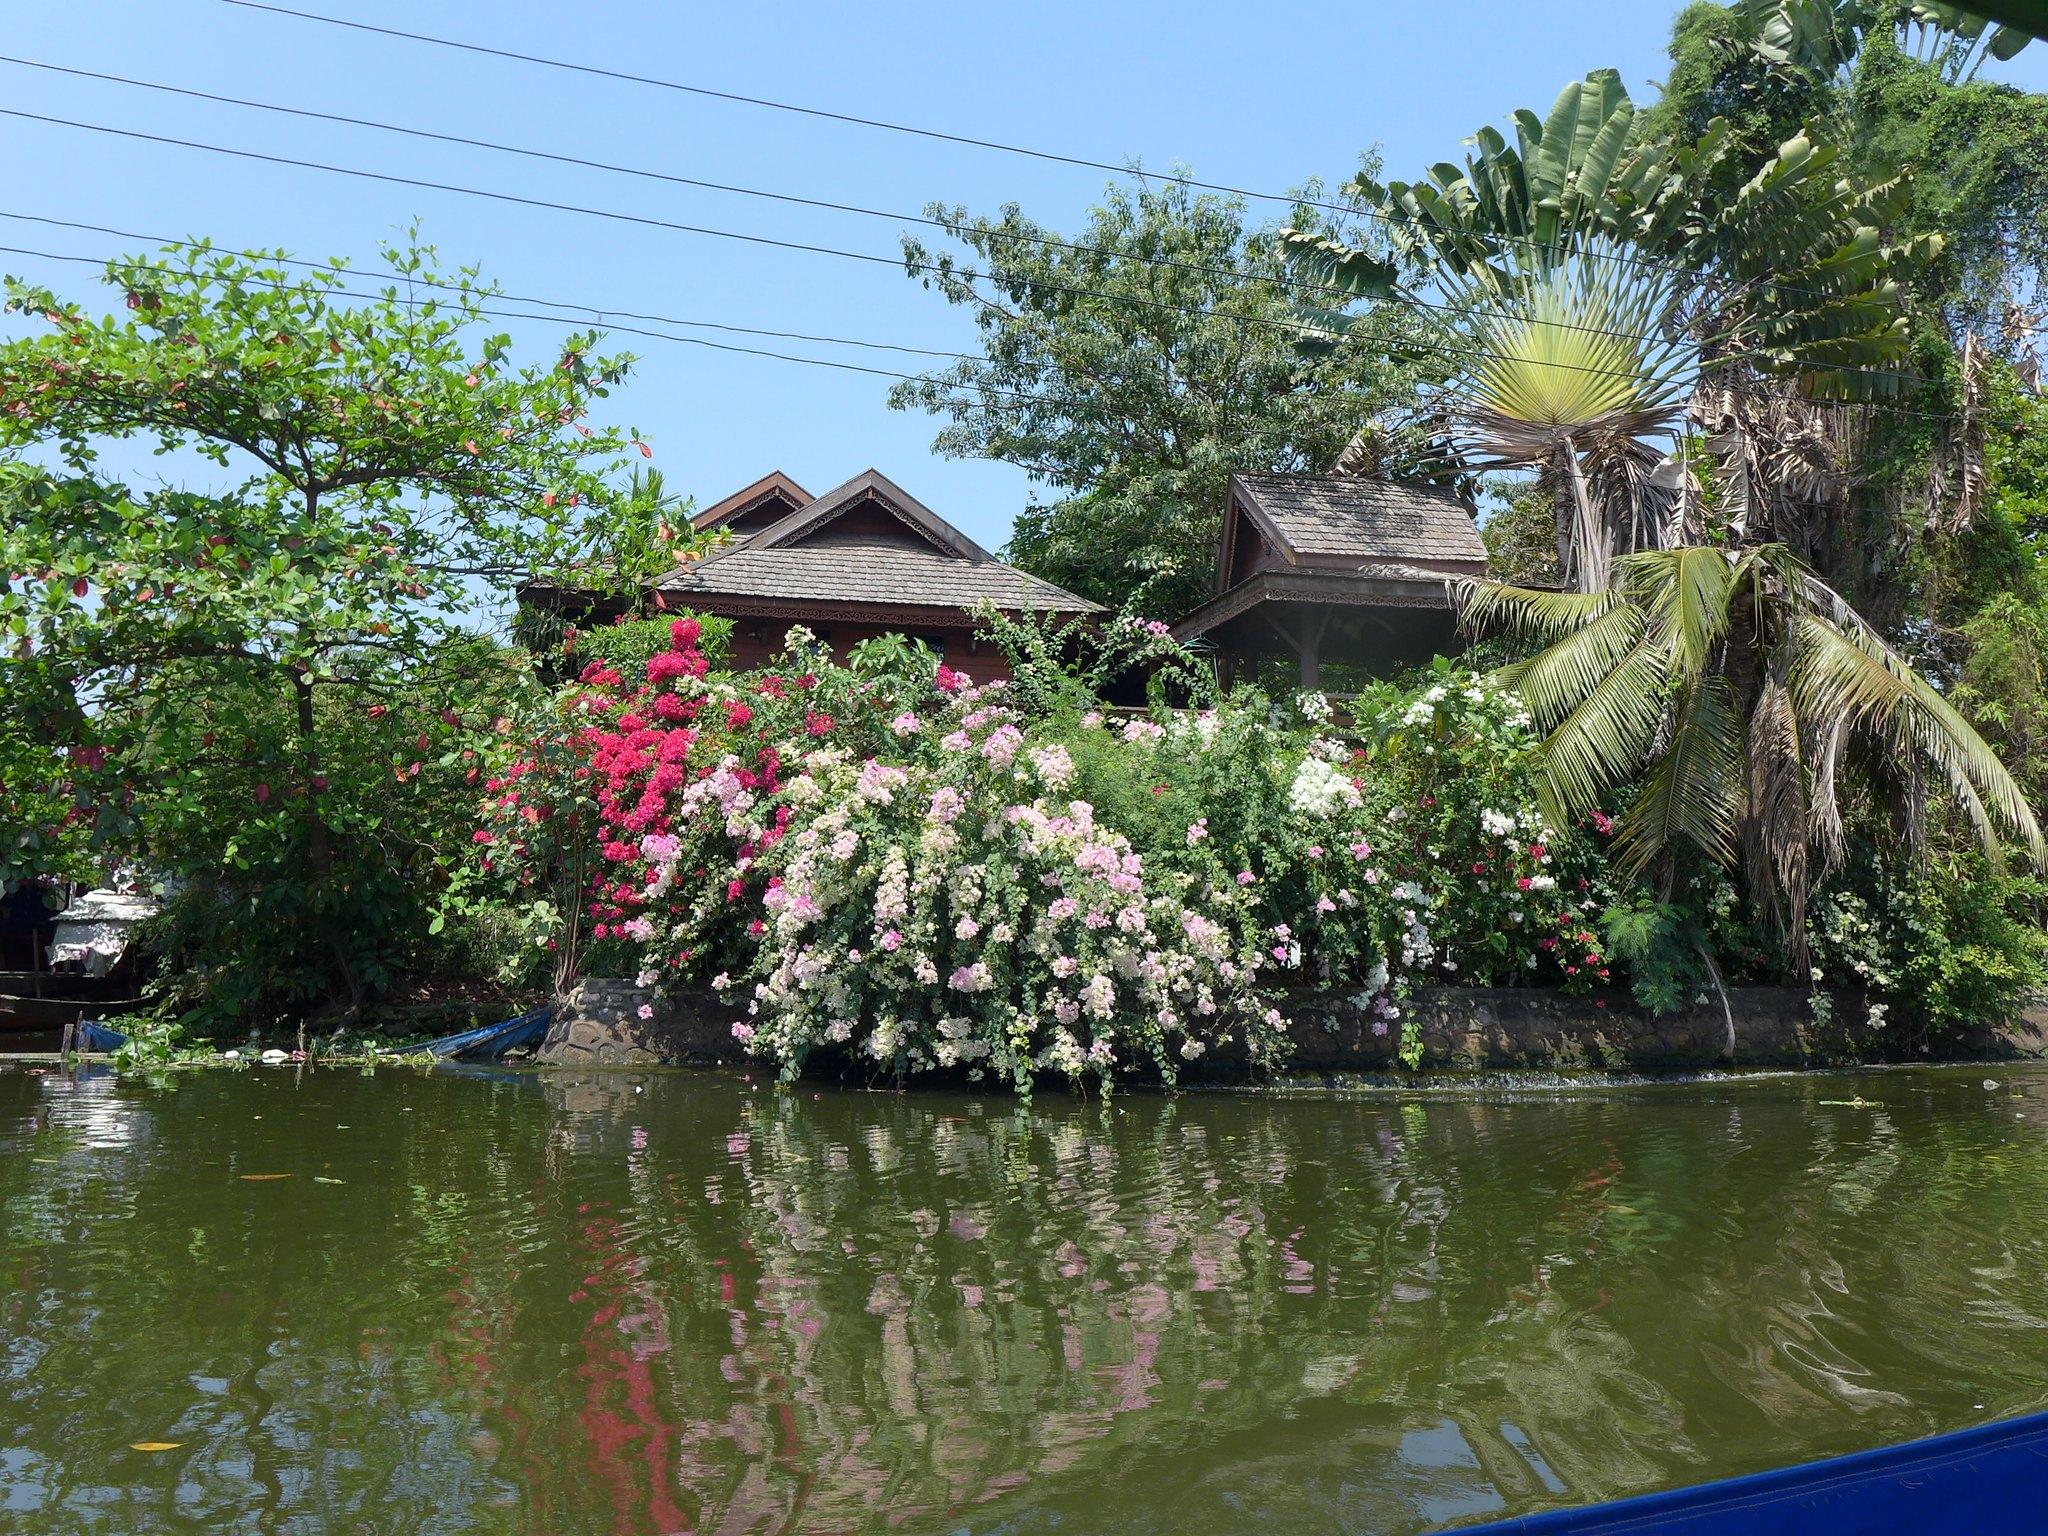 Записки из прошлогодних путешествий. Прогулка по Чао Прайе и каналам Бангкока